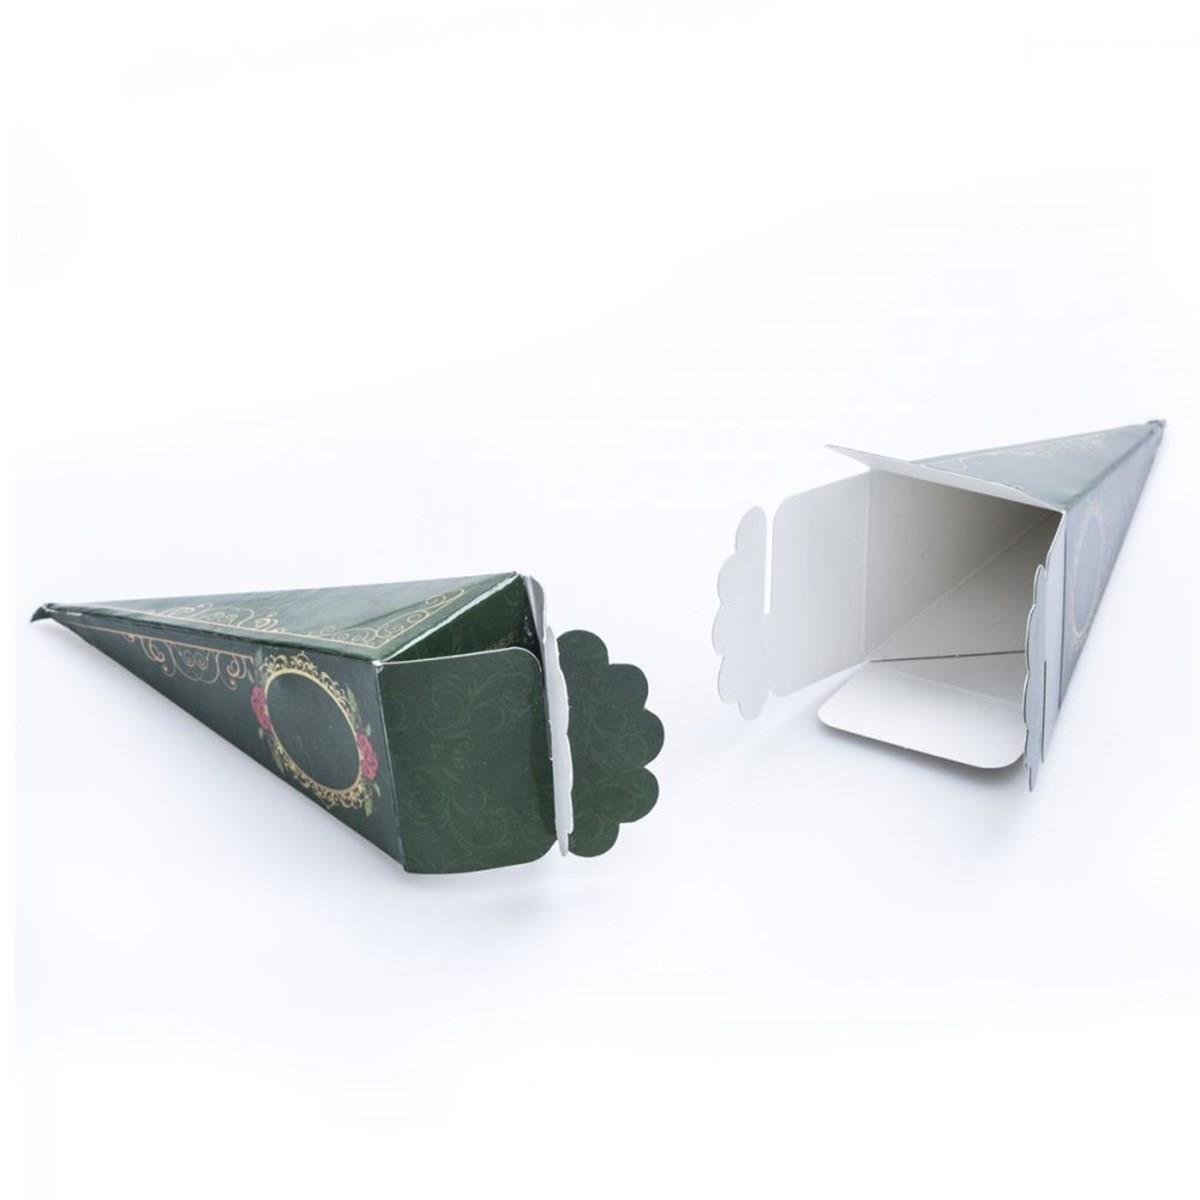 Yeşil Mevlüt Şekeri Kutusu - Külah